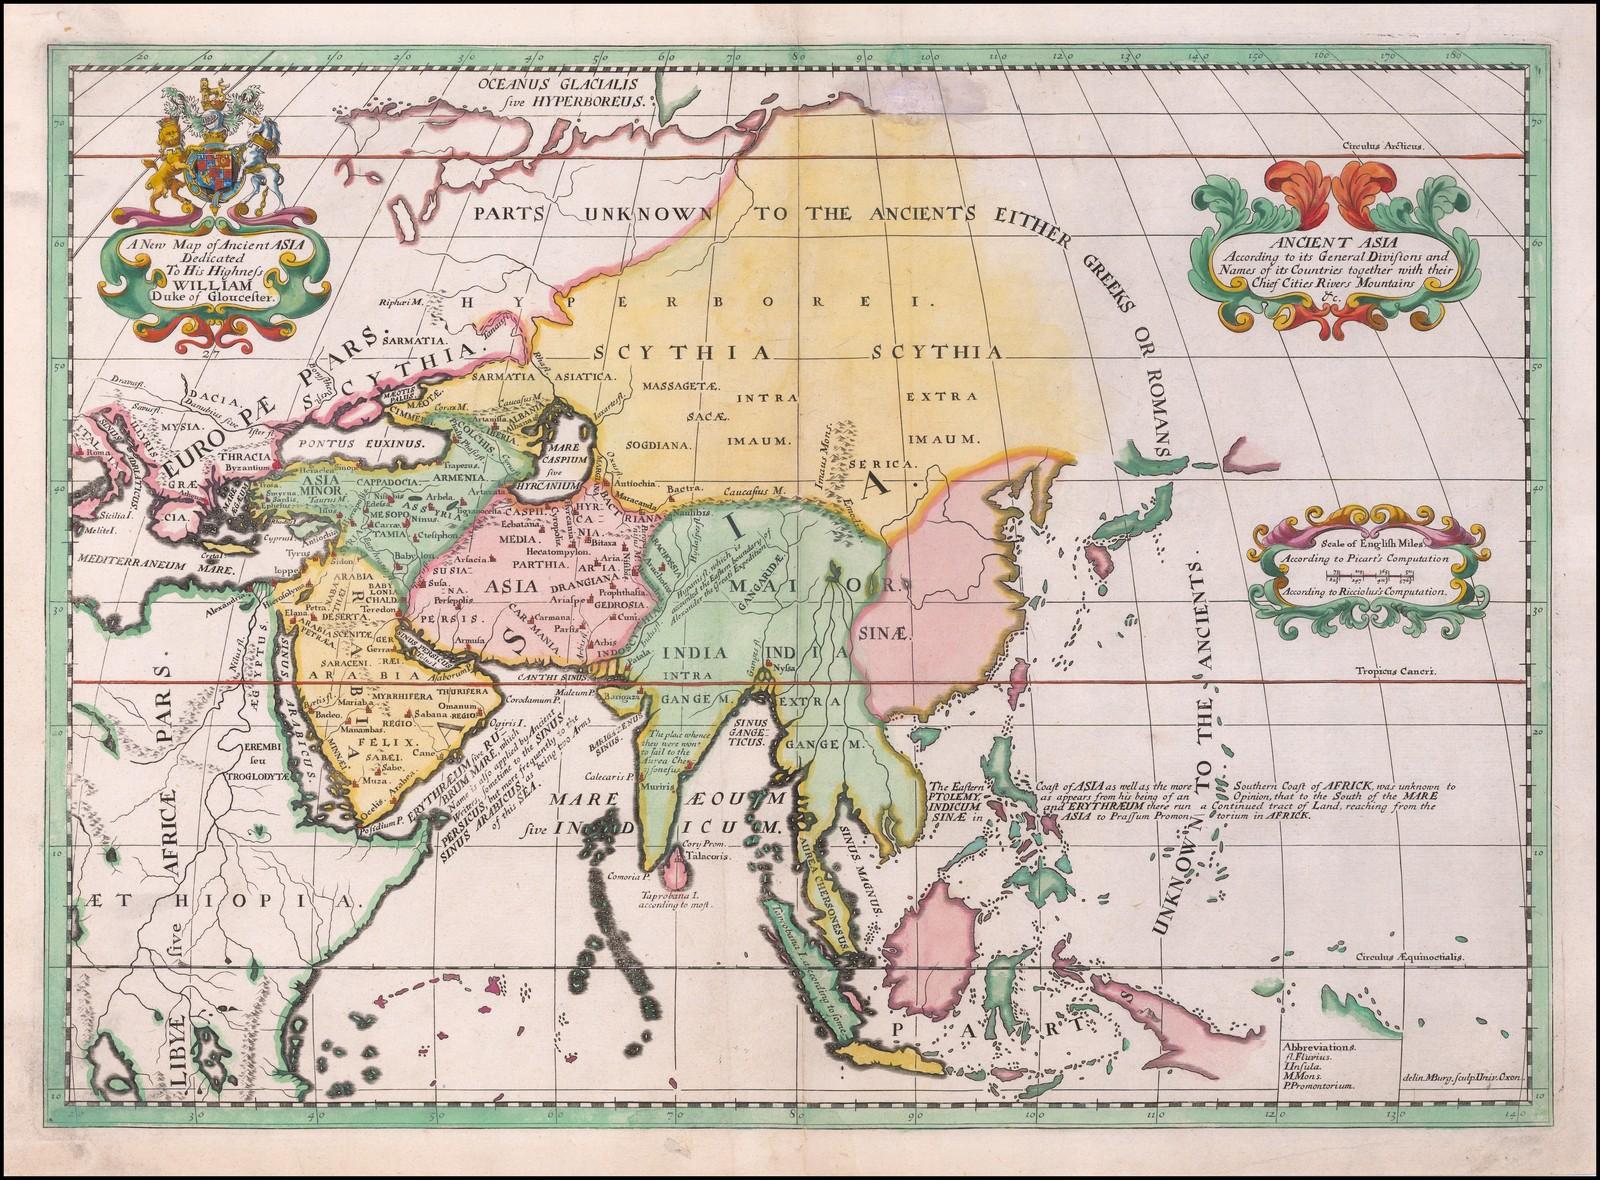 Декоративная карта Азии, опубликованная в Оксфорде в 1700 году